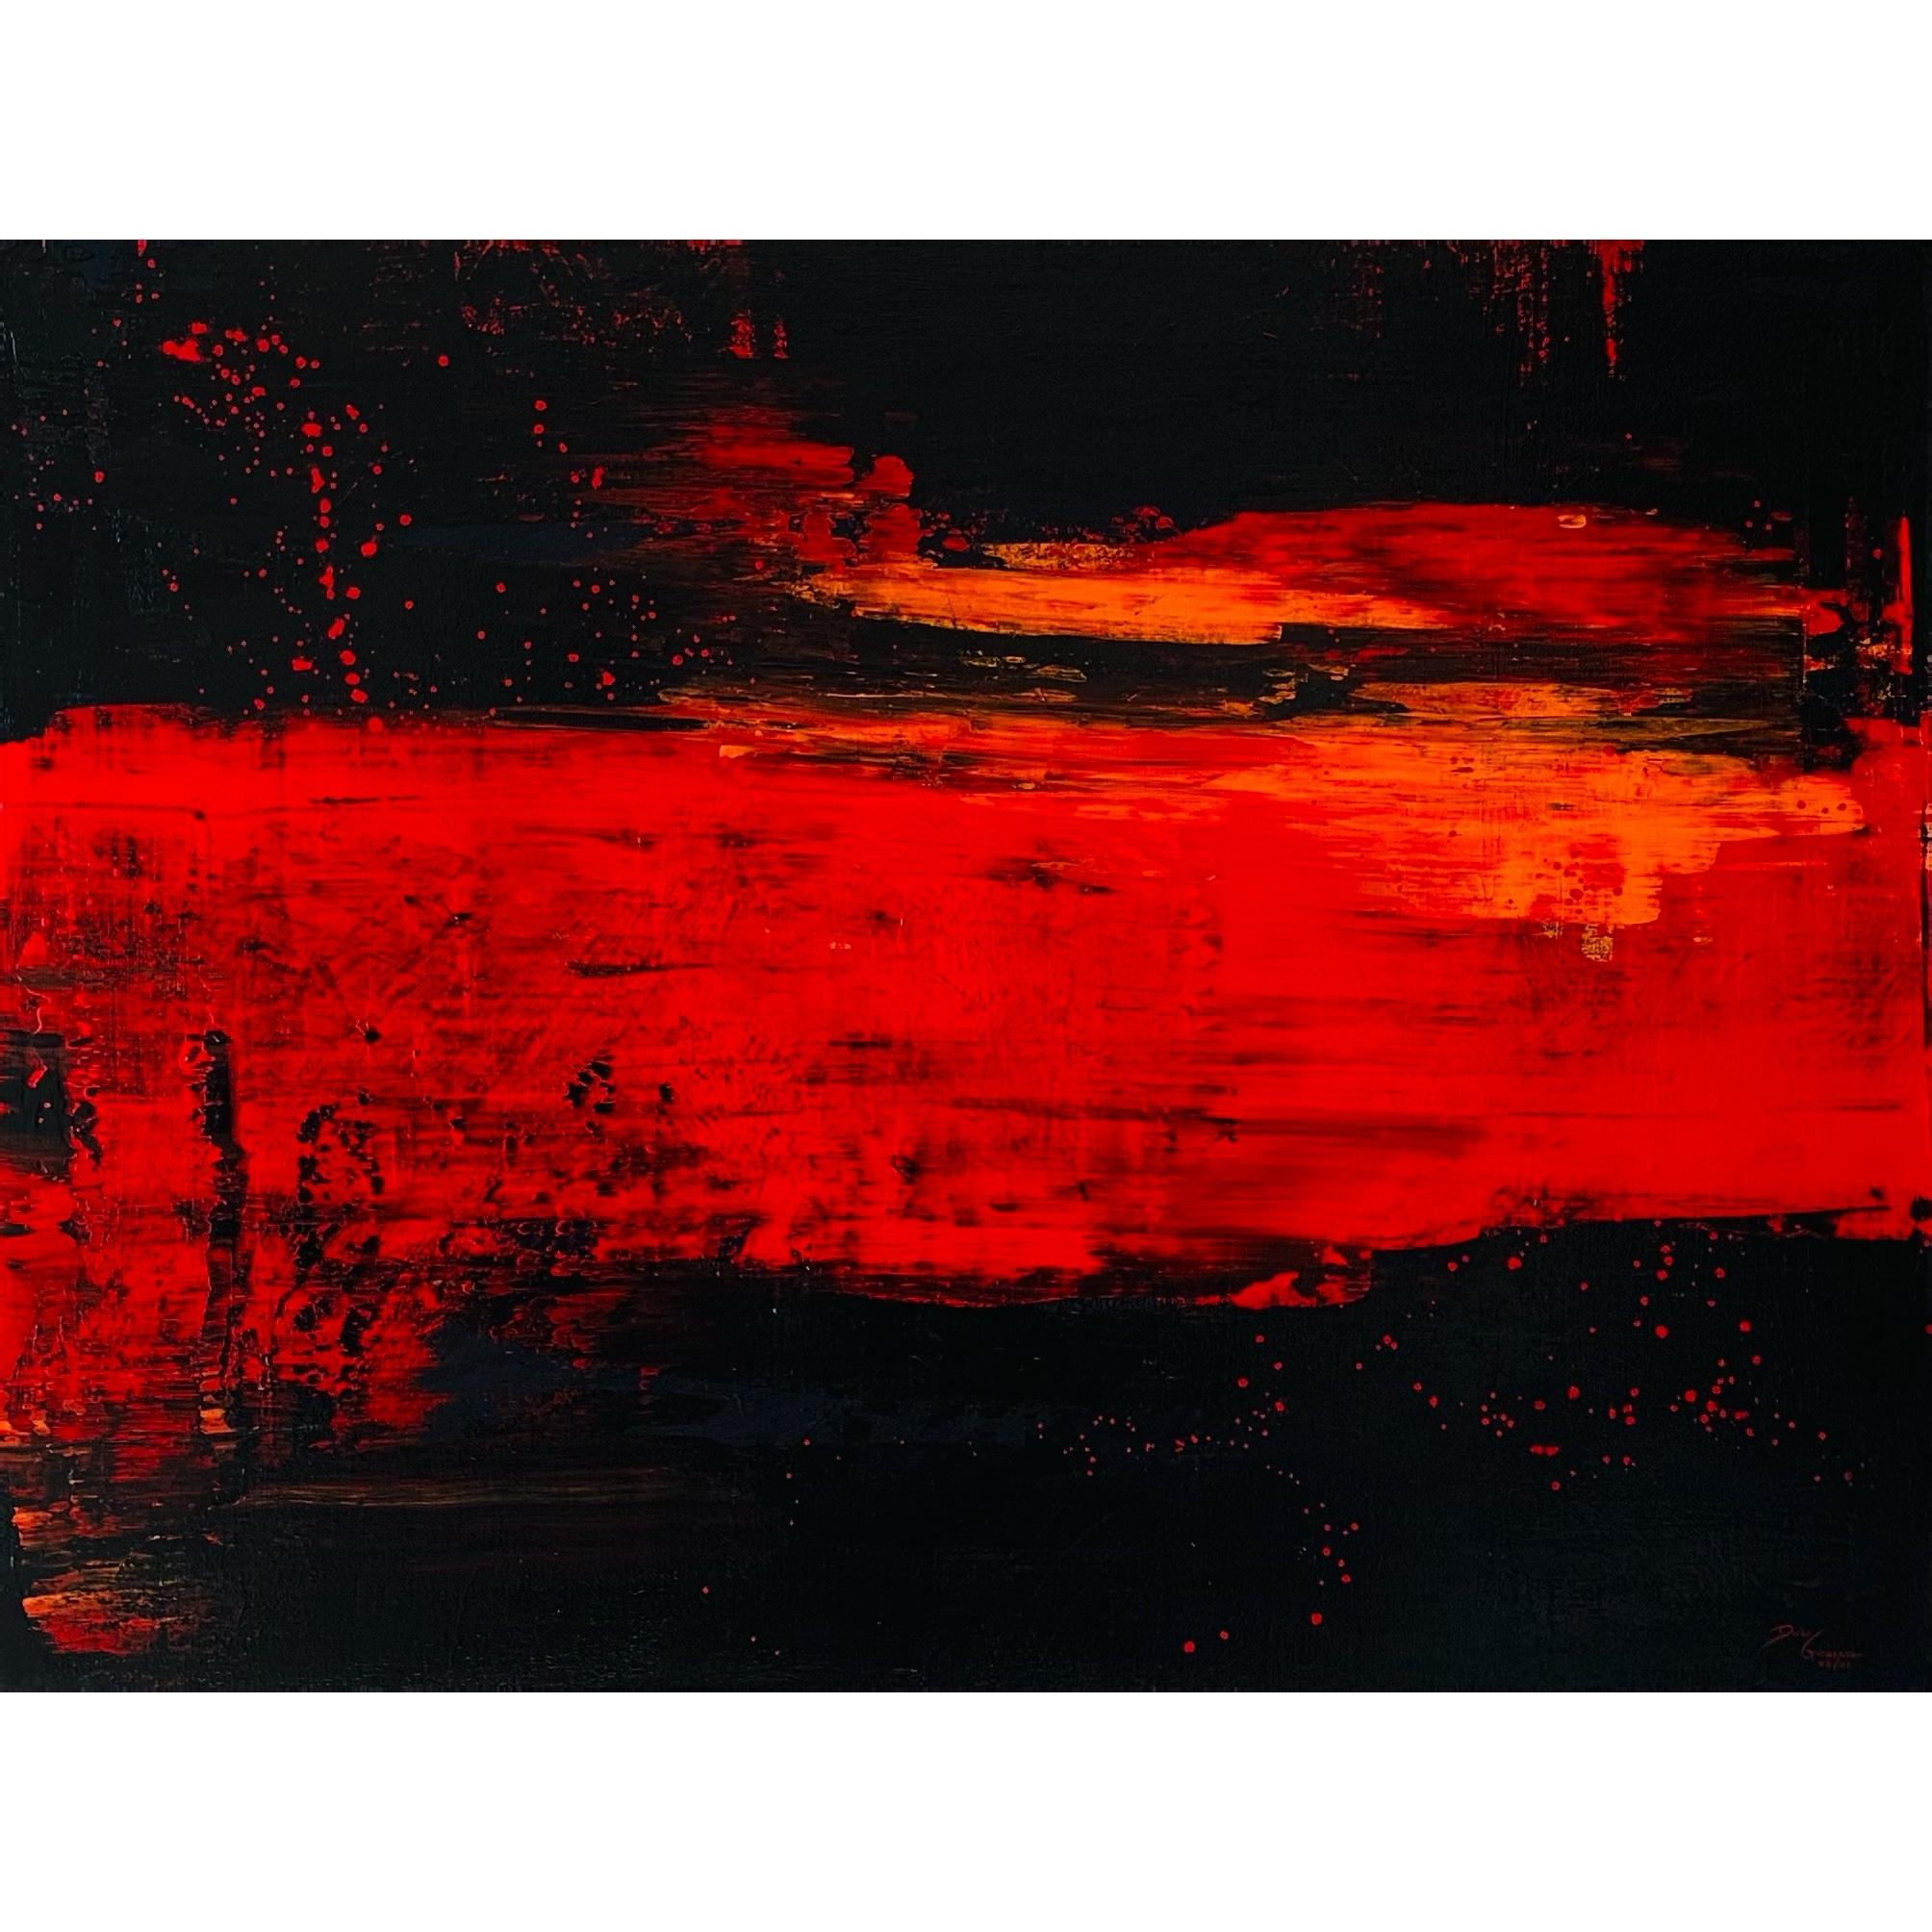 diego-gutierrez-twilight-red